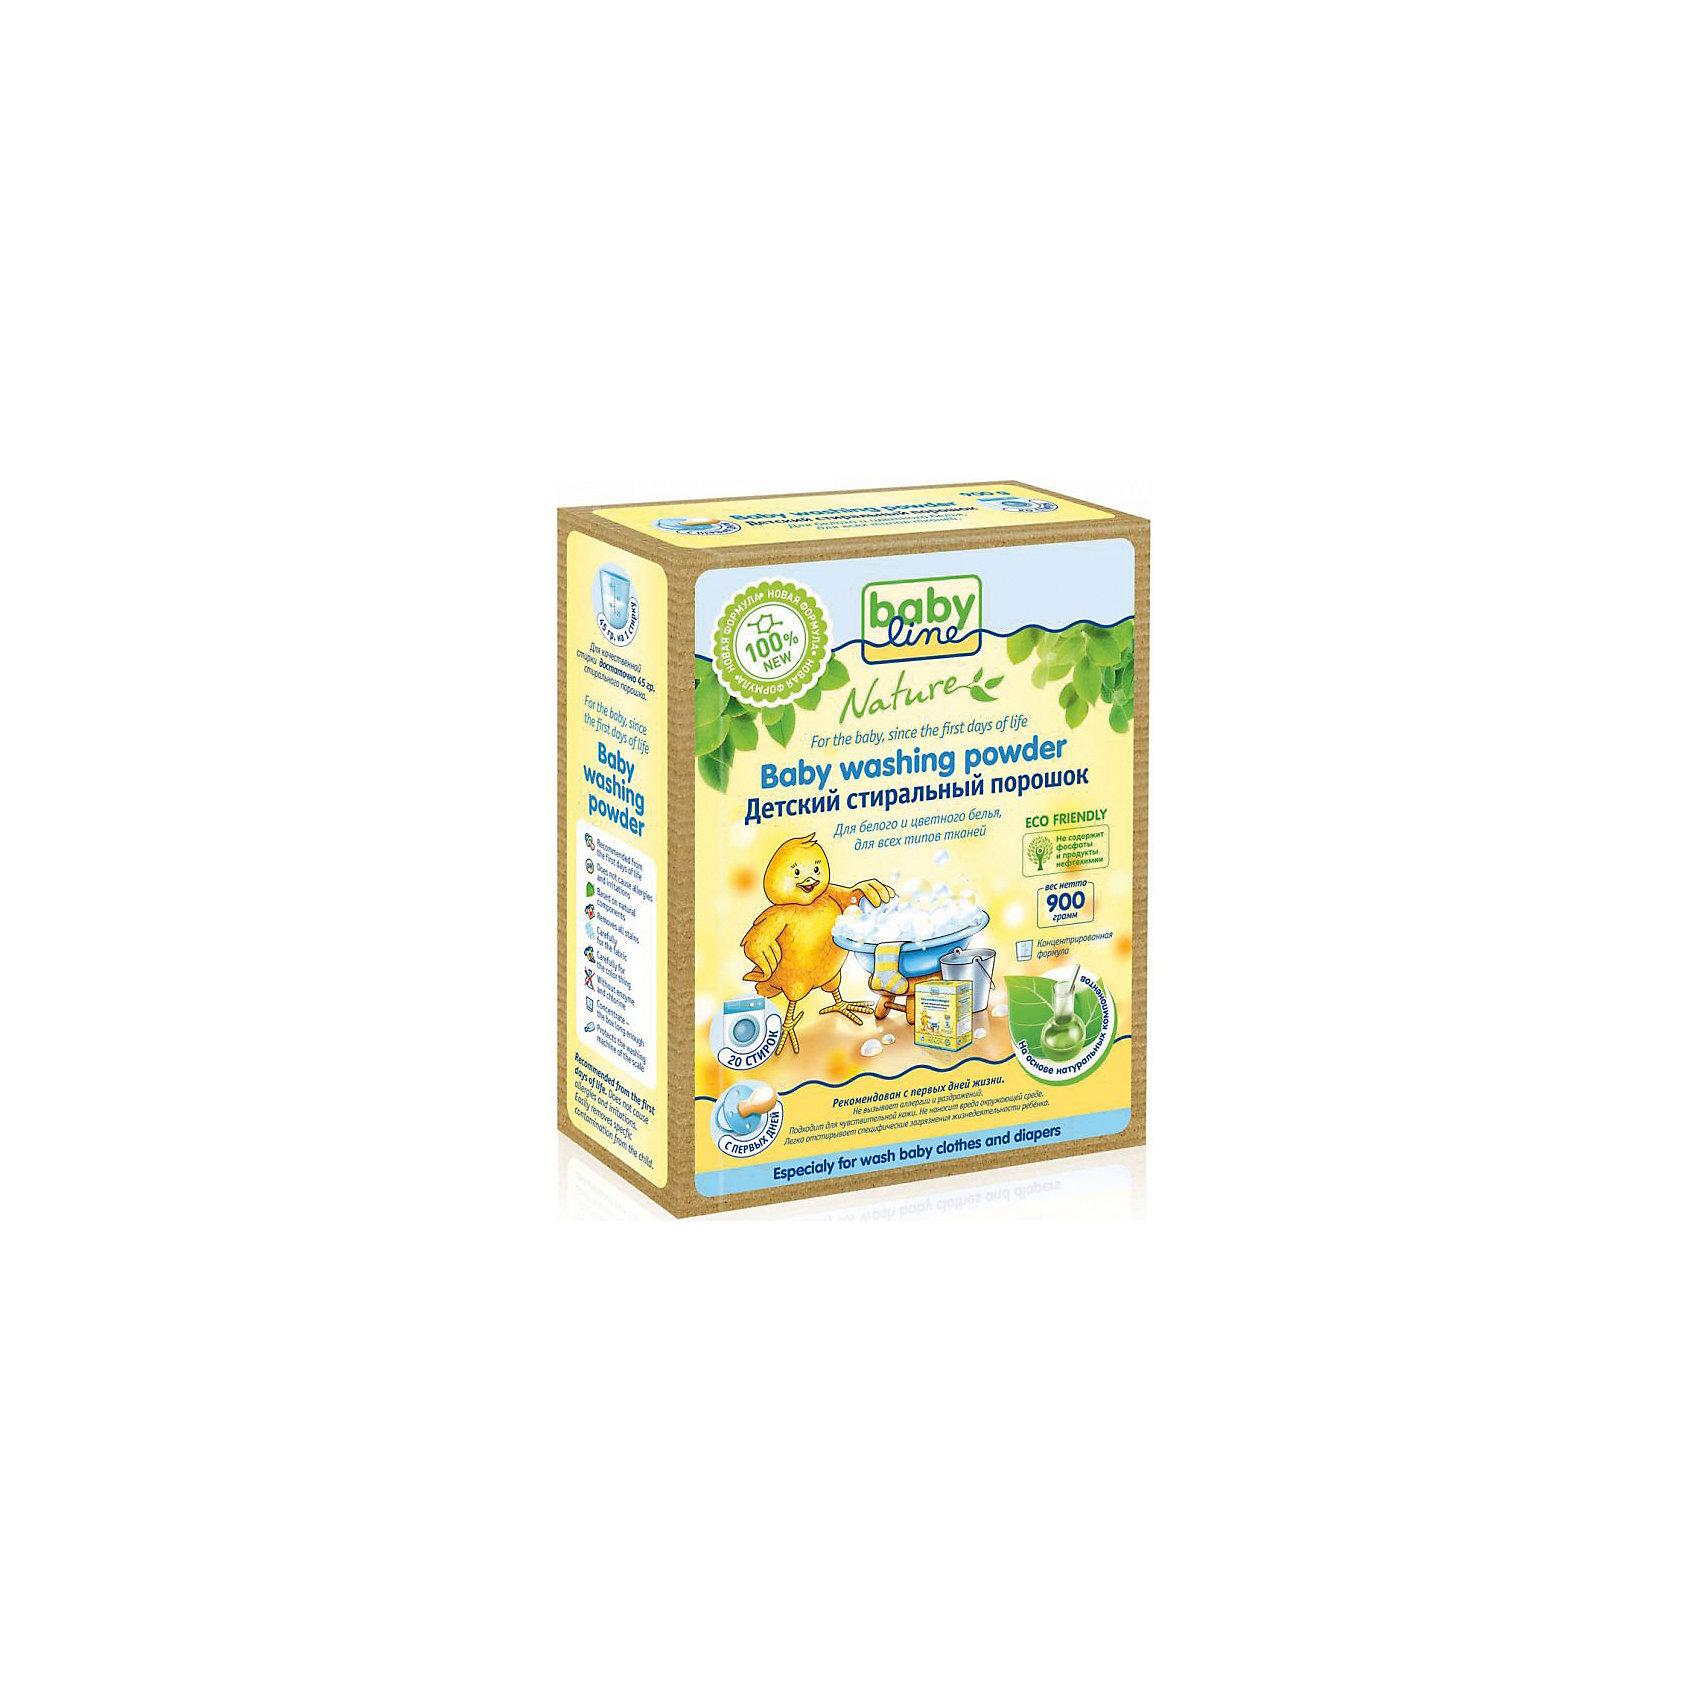 Babyline Детский стиральный порошок концентрат 900 гр., BABYLINE sodasan стиральный порошок концентрат для детских изделий 1 2 кг